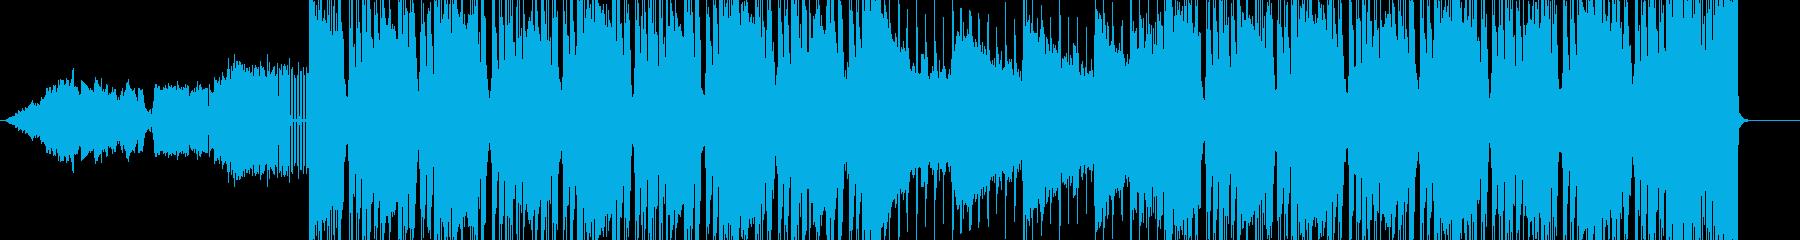 ロック感あふれるメロ無しBGMの再生済みの波形